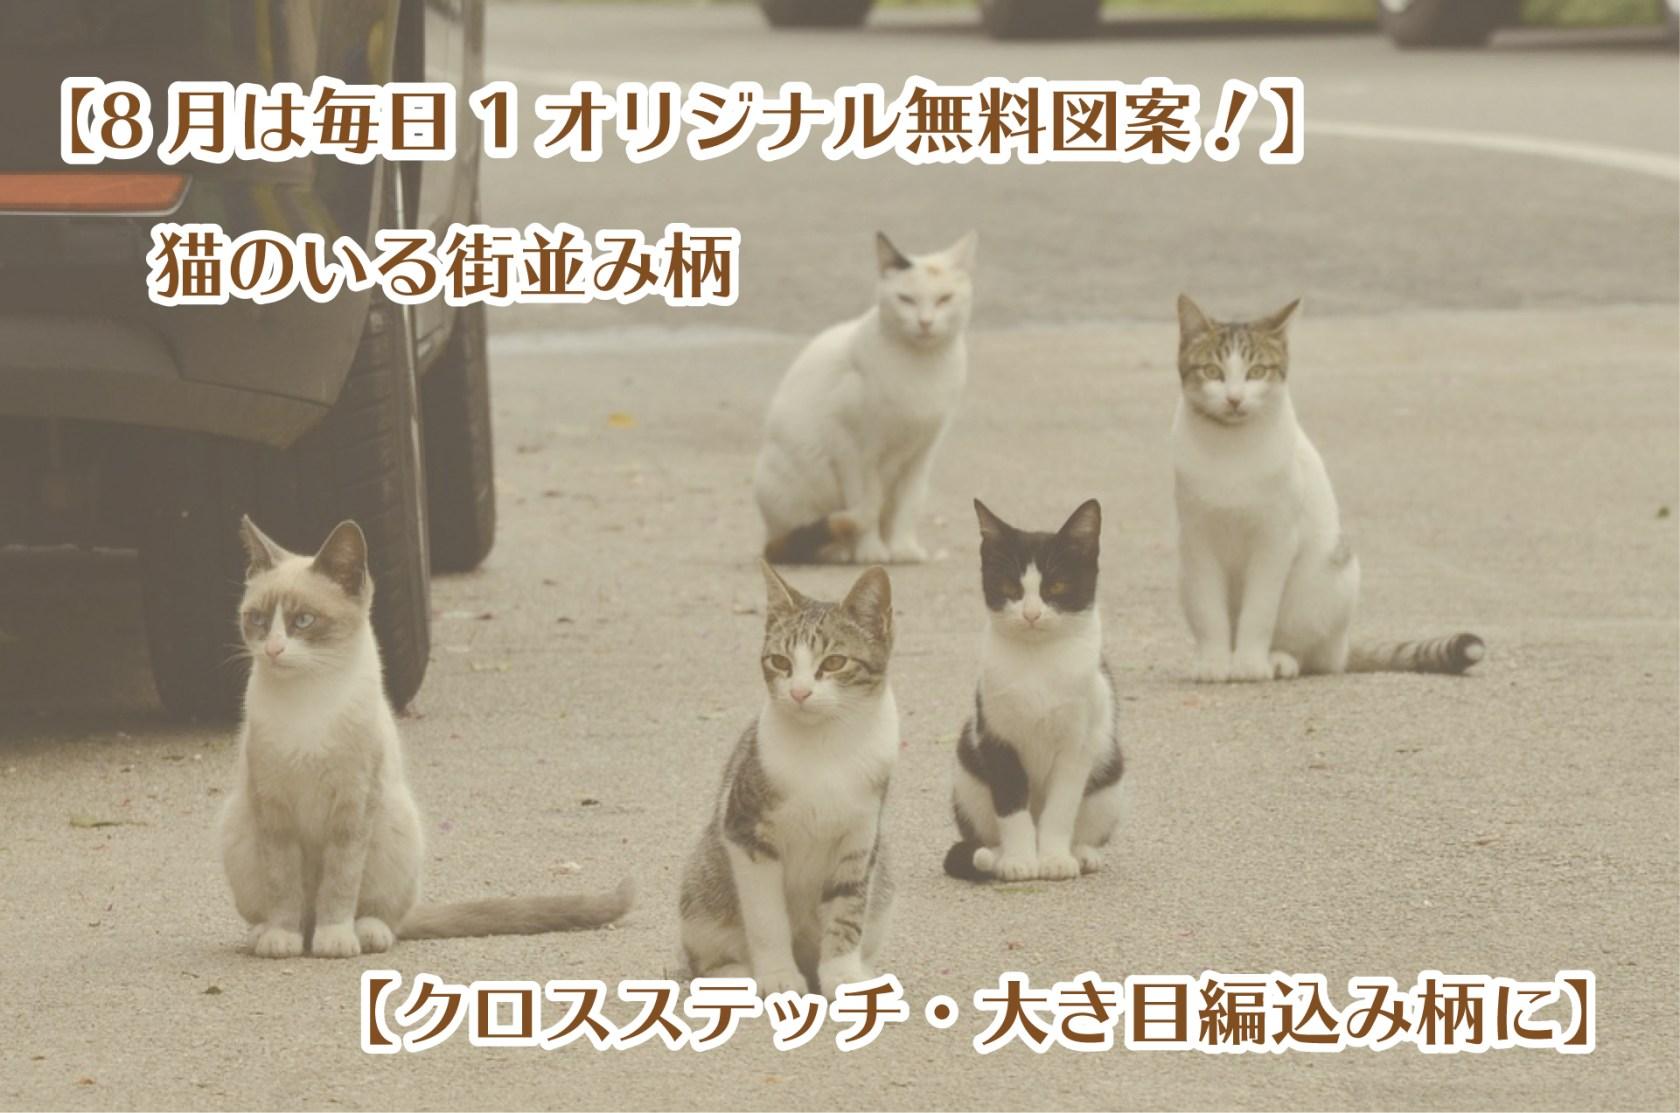 【8月は毎日1オリジナル無料図案!】猫のいる街並み柄【クロスステッチ・大き目編込み柄に】